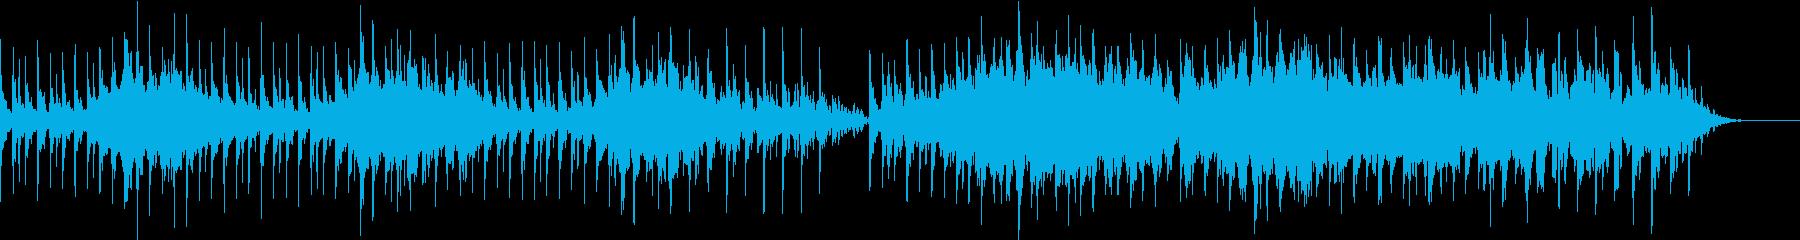 ストリングスメインのアンビエントの再生済みの波形